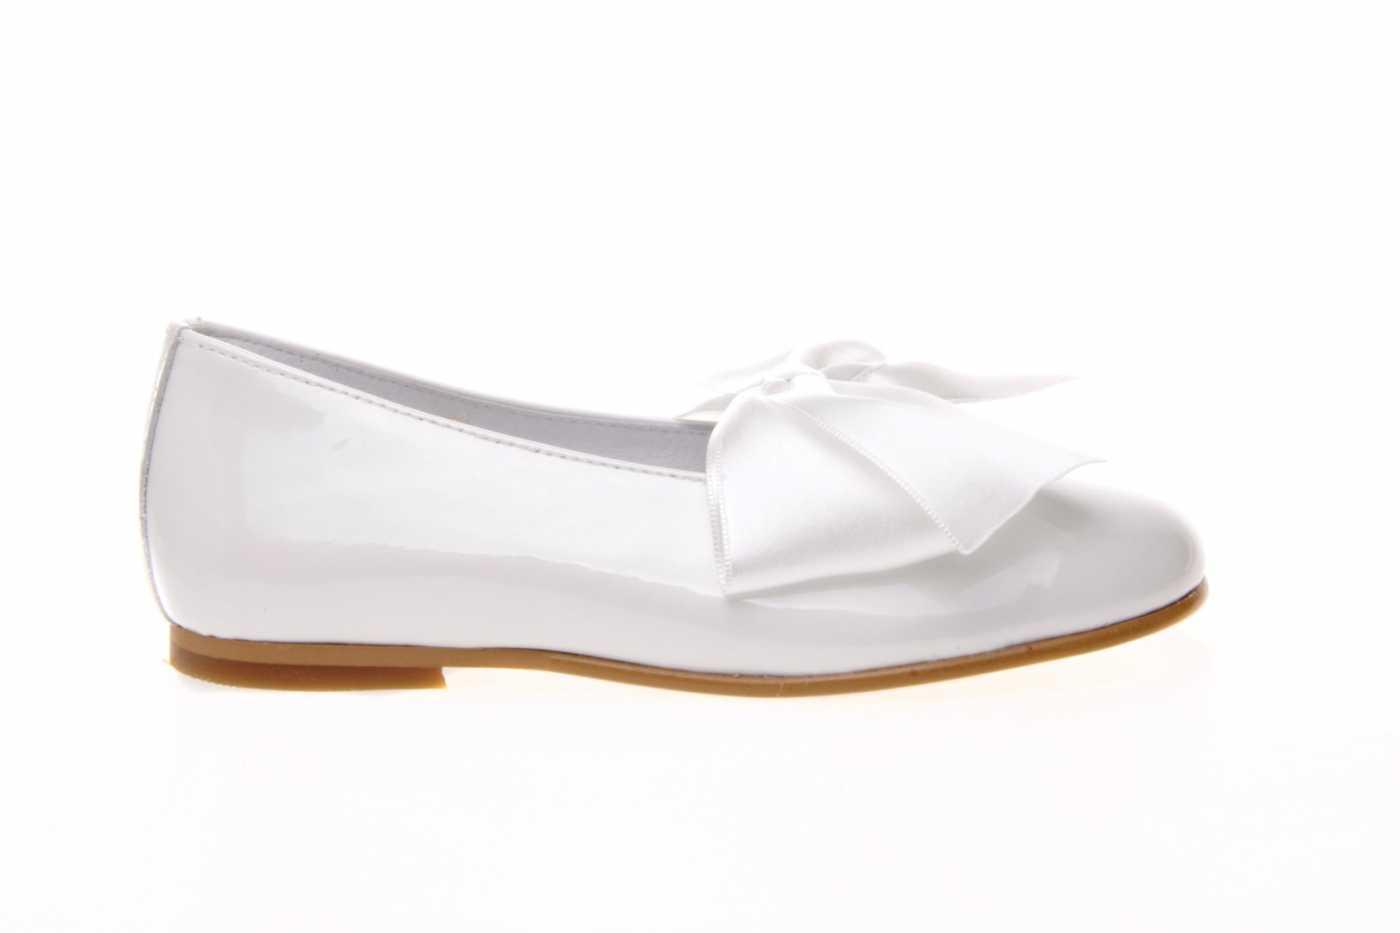 f31a7cd24 Comprar zapato tipo JOVEN NIÑA estilo MANOLETINAS COLOR BLANCO ...